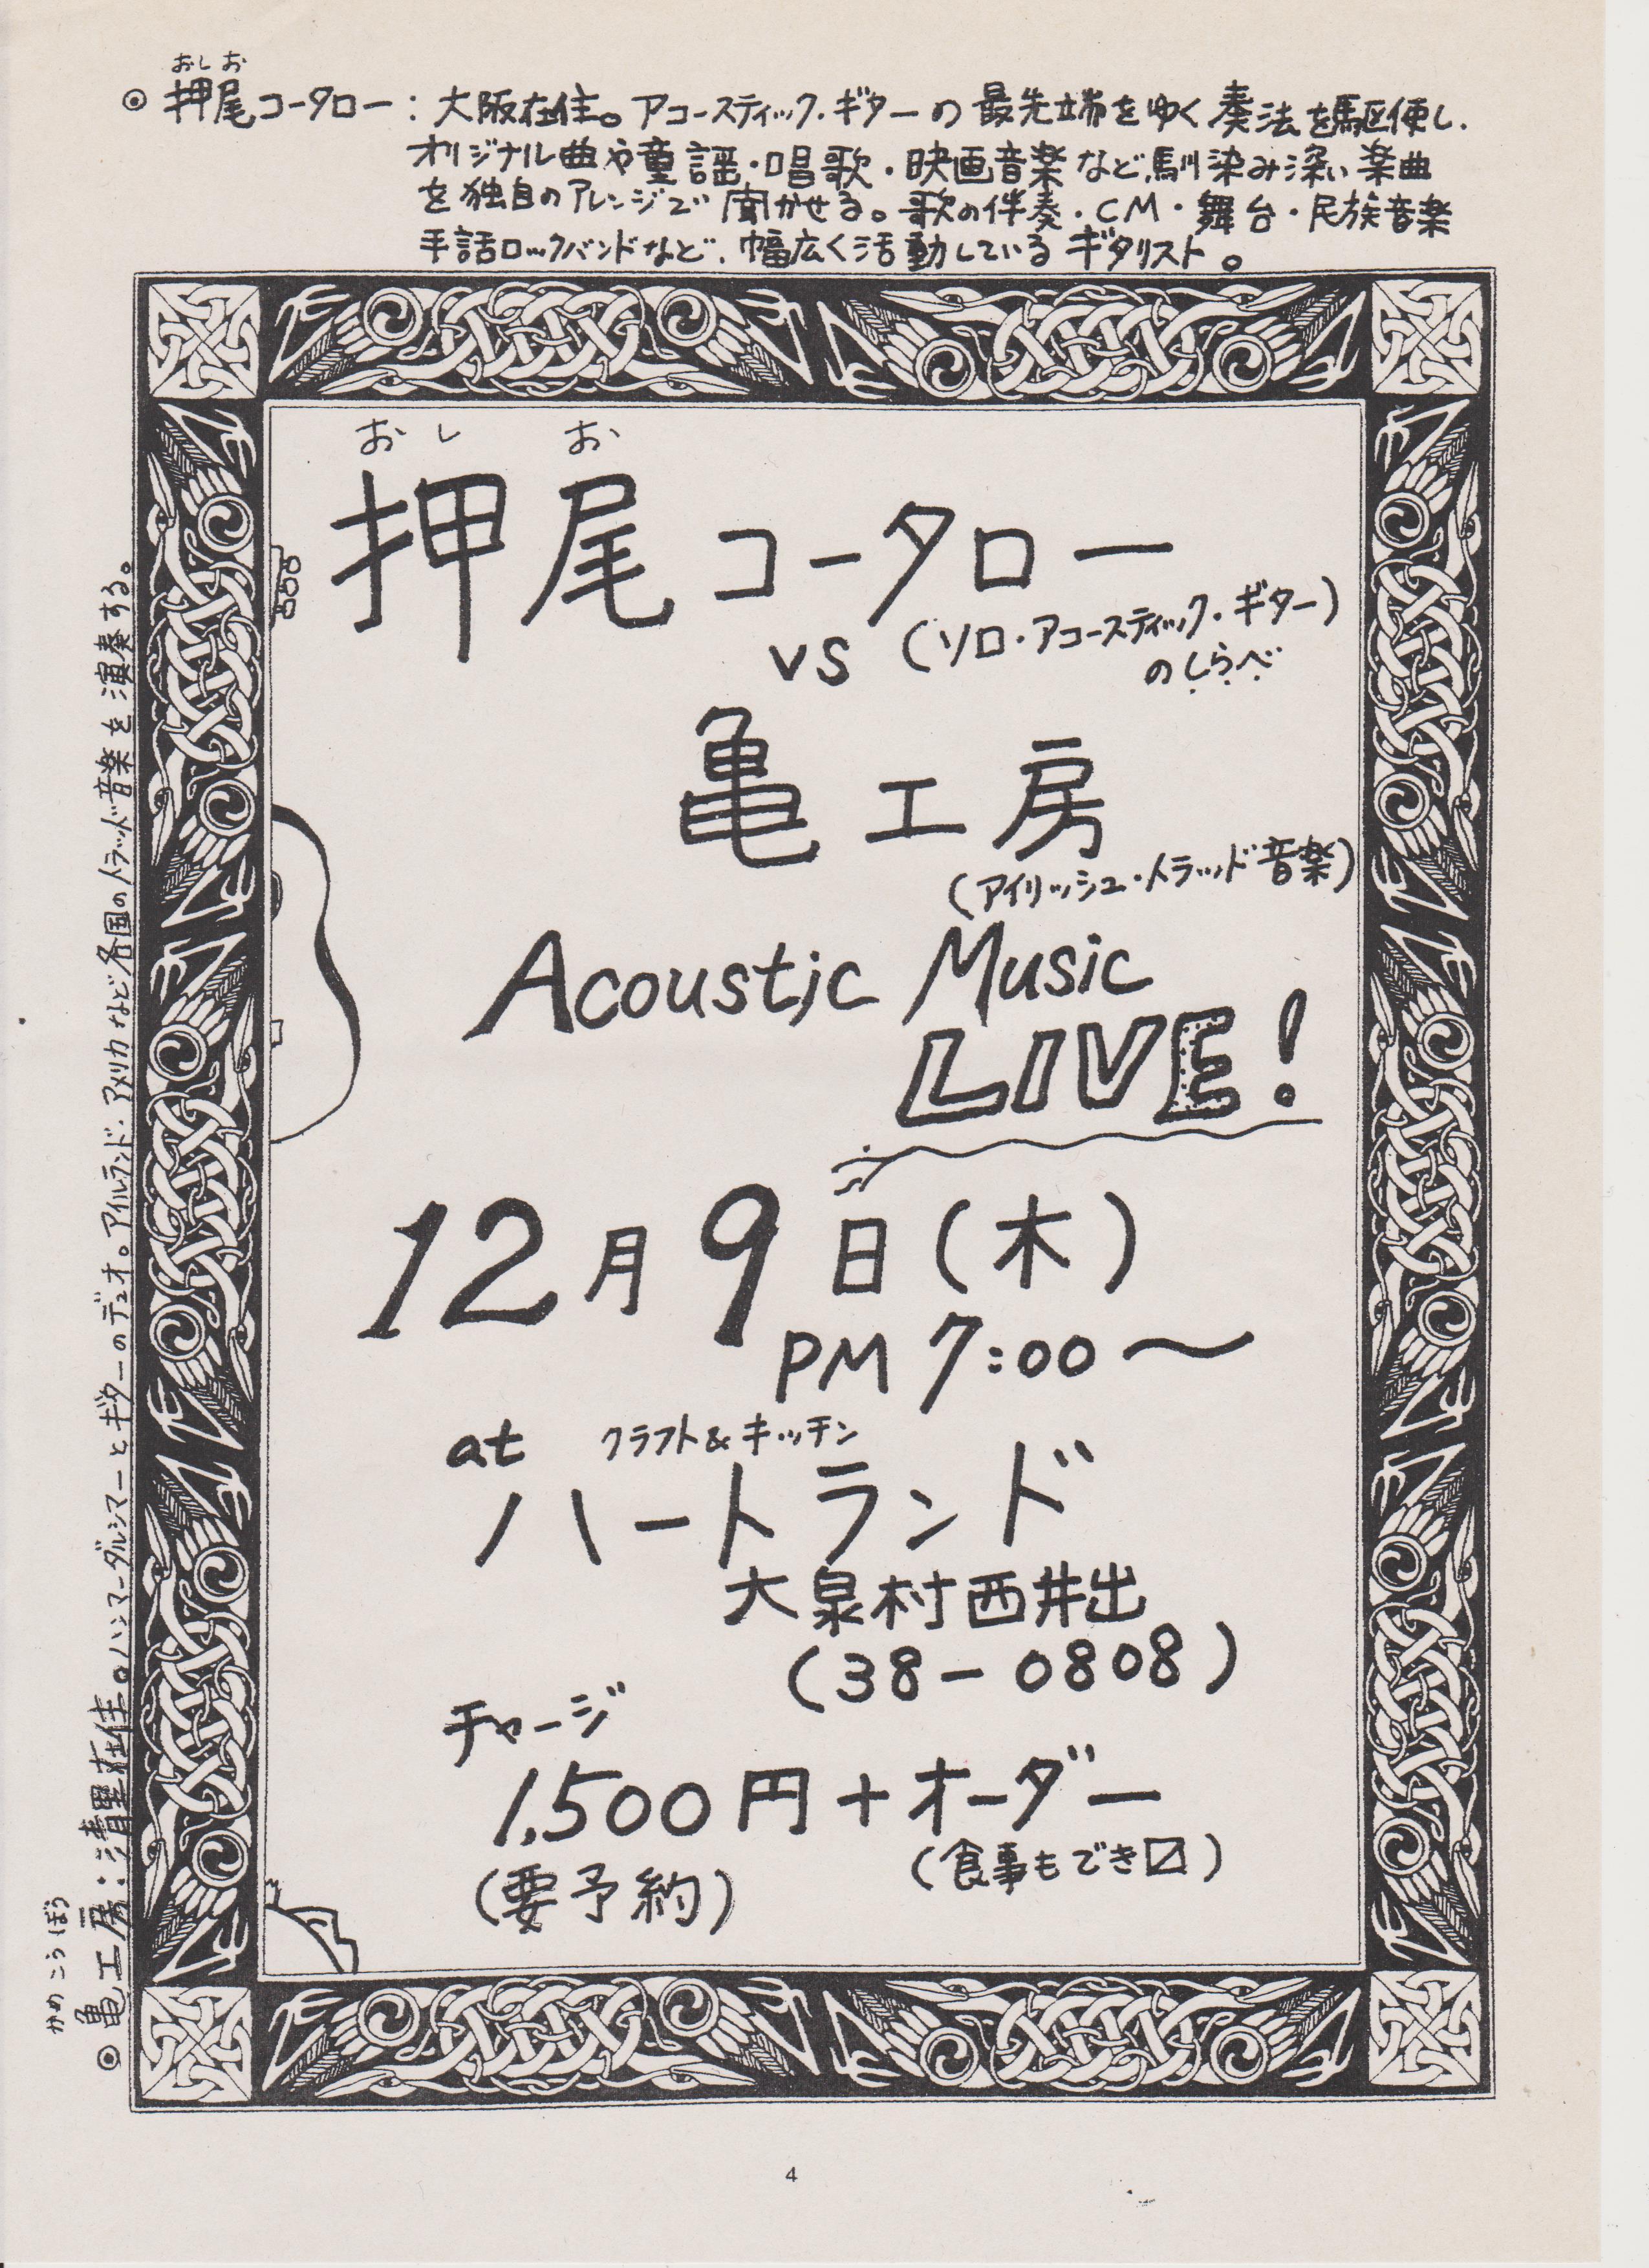 押尾コータロー vs 亀工房 (12/09/99)